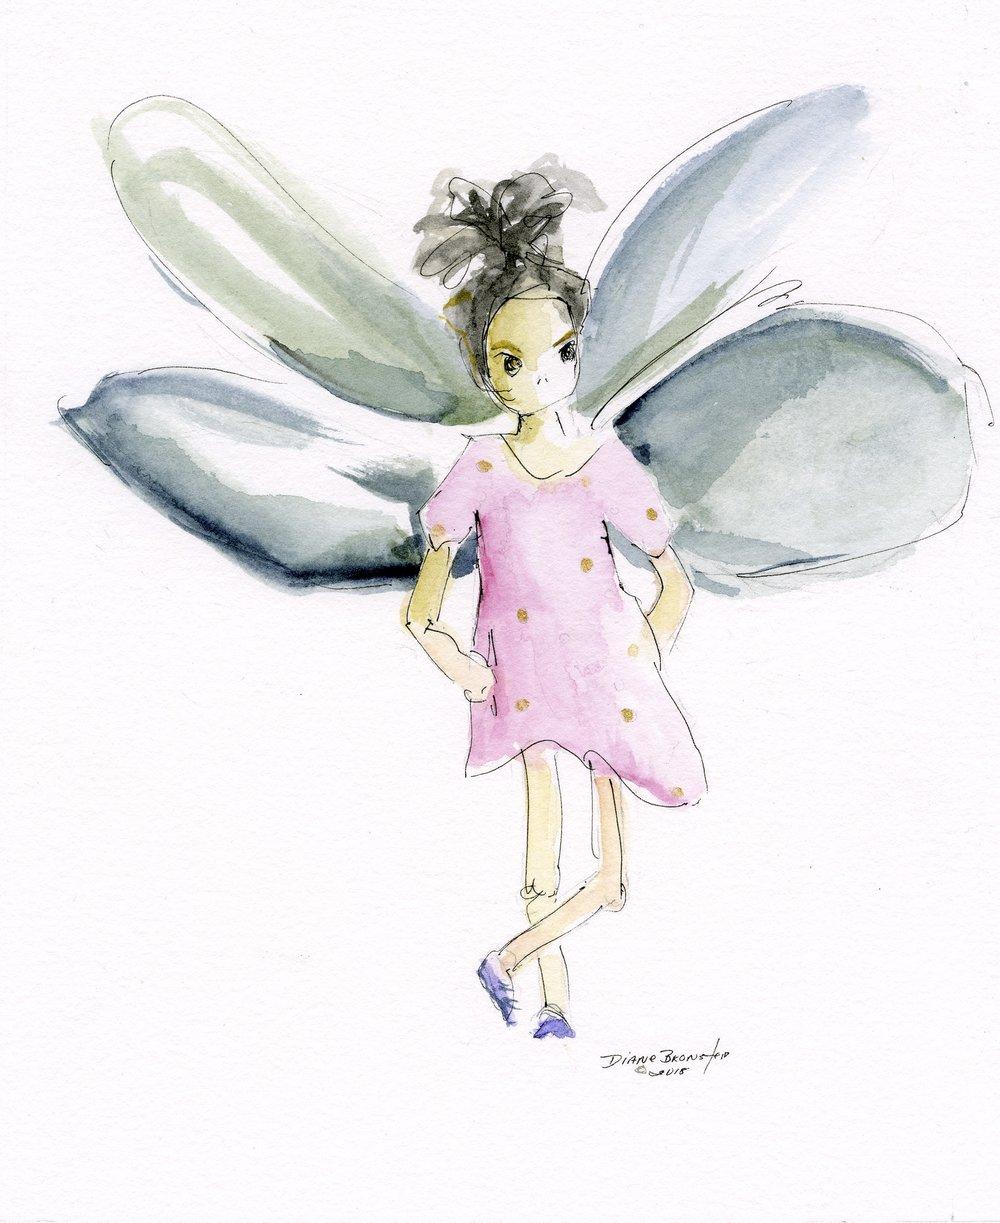 Little Miss Stuburn